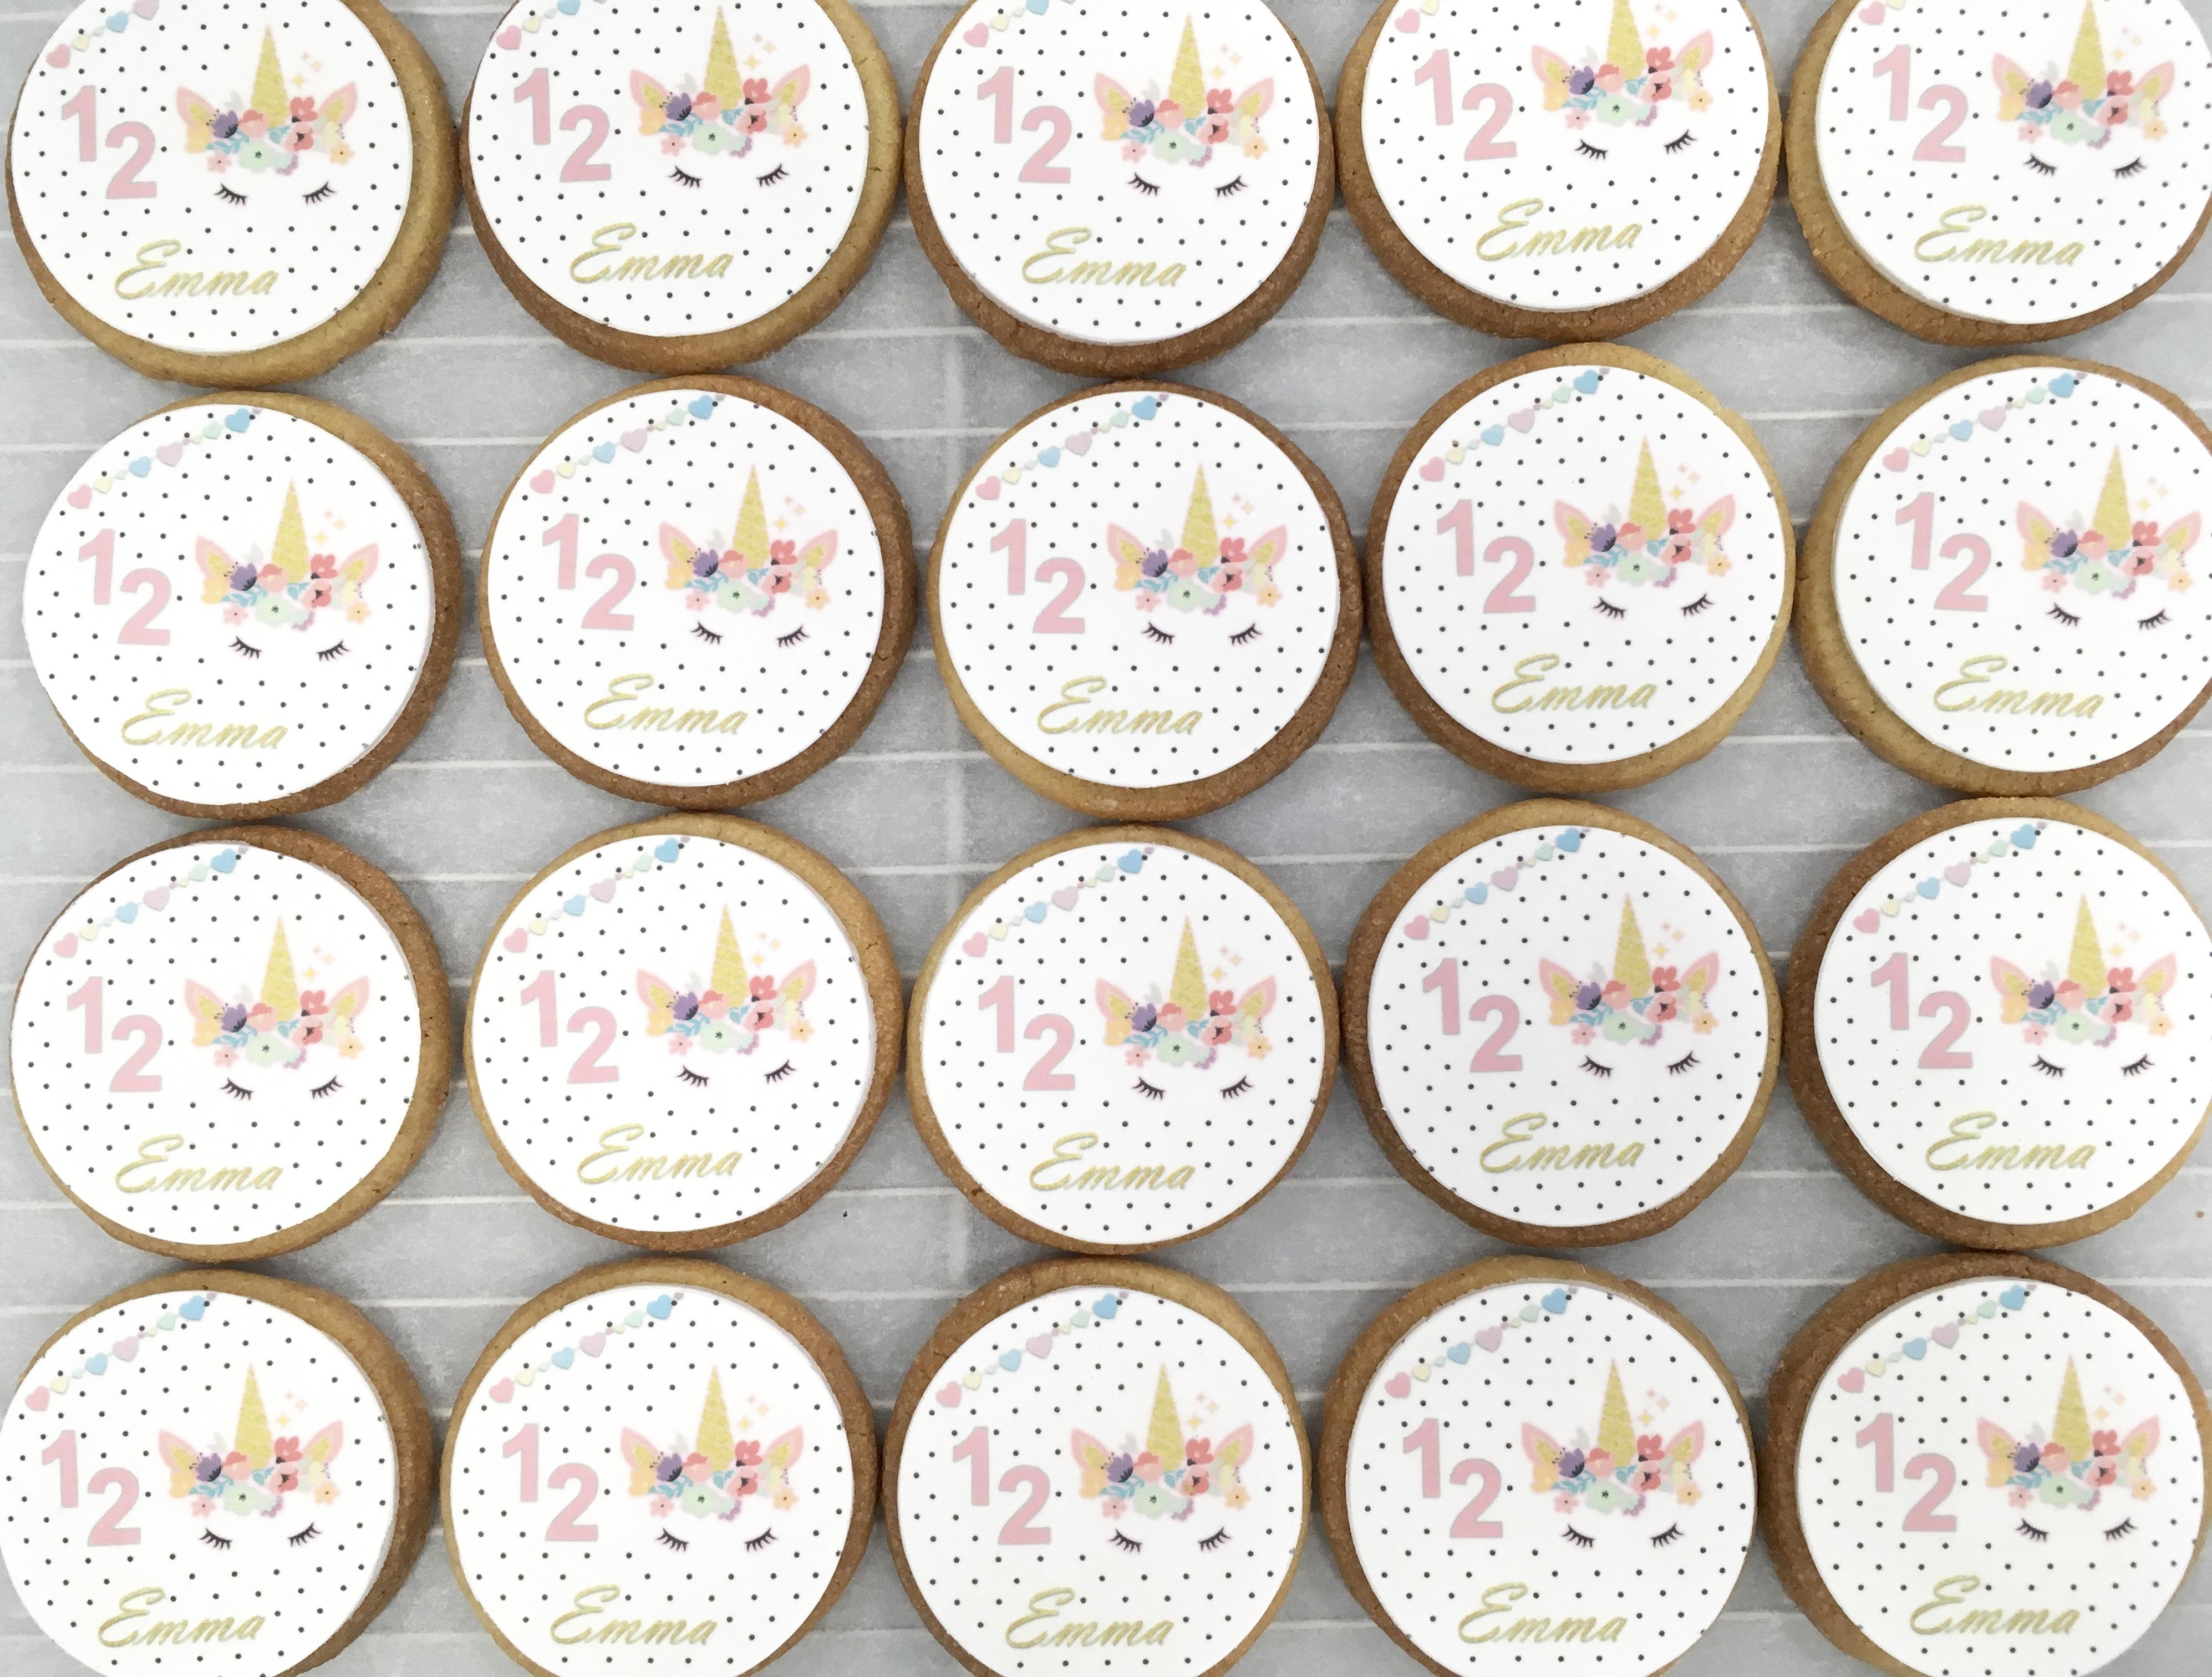 Gâteaux individuels personnalisés Anniversaire - Sablés décorés Impression alimentaire Licorne